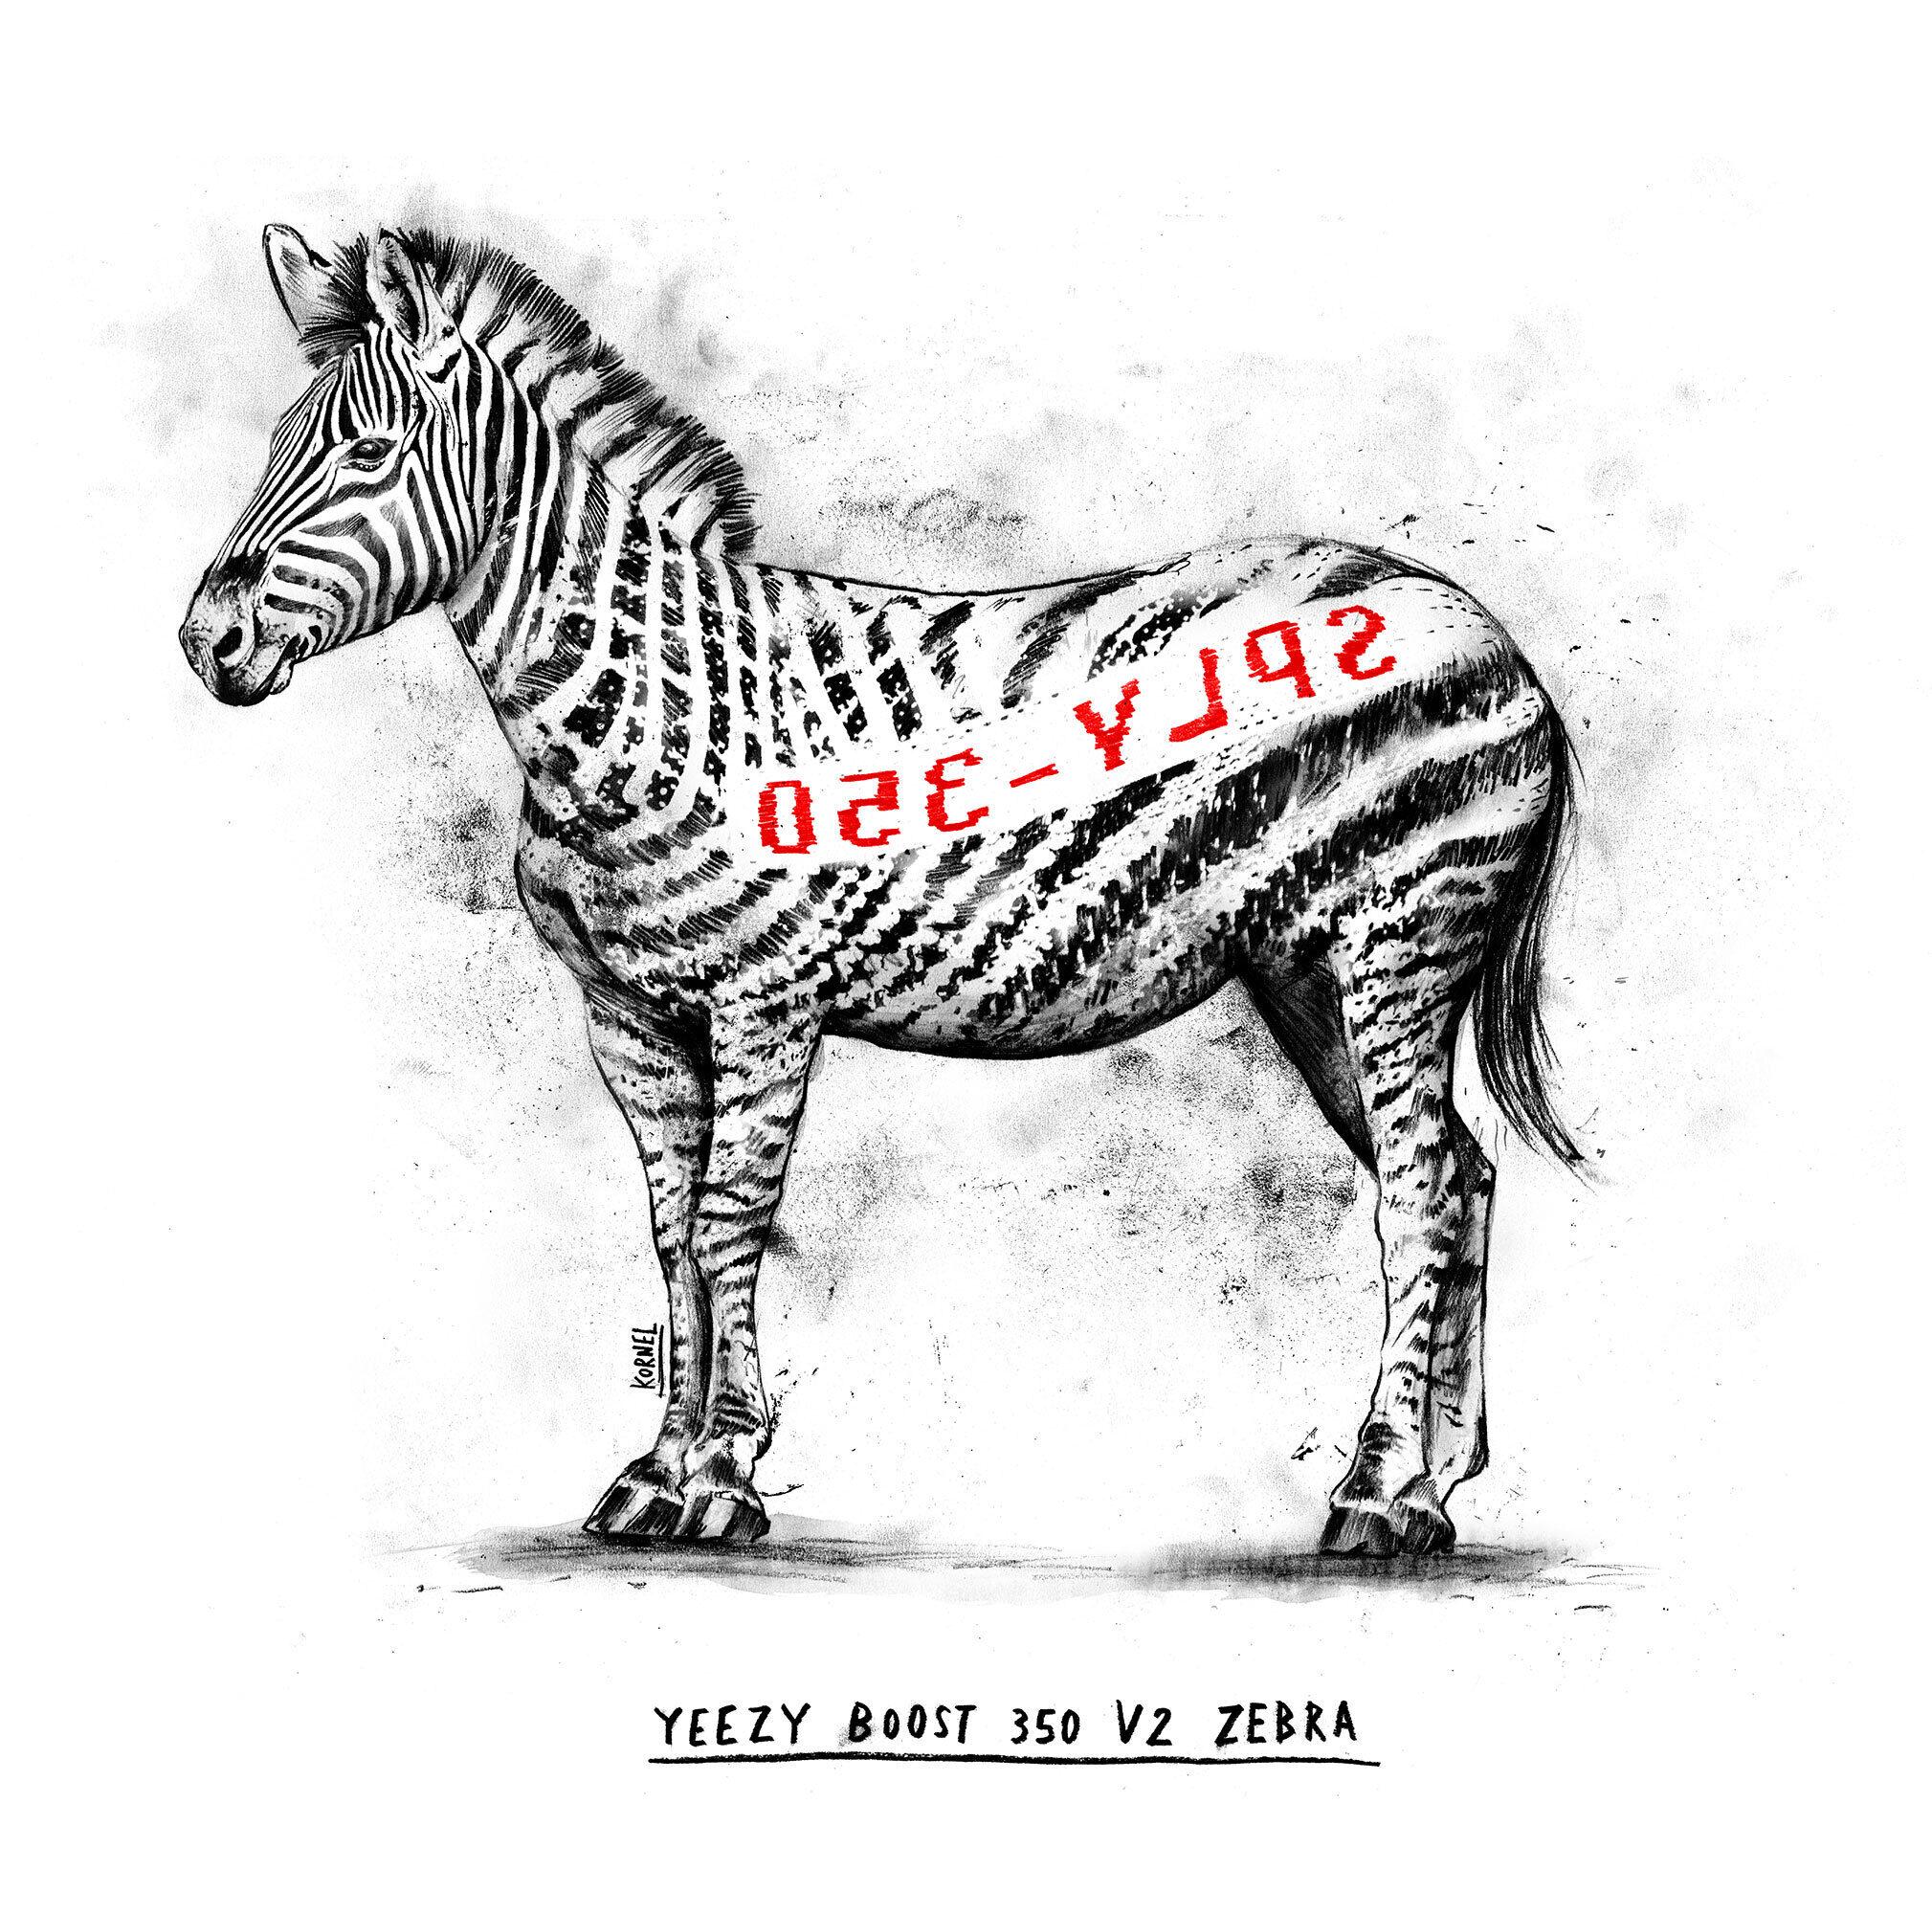 Yeezy boost v2 zebra artwork - Kornel Illustration | Kornel Stadler portfolio